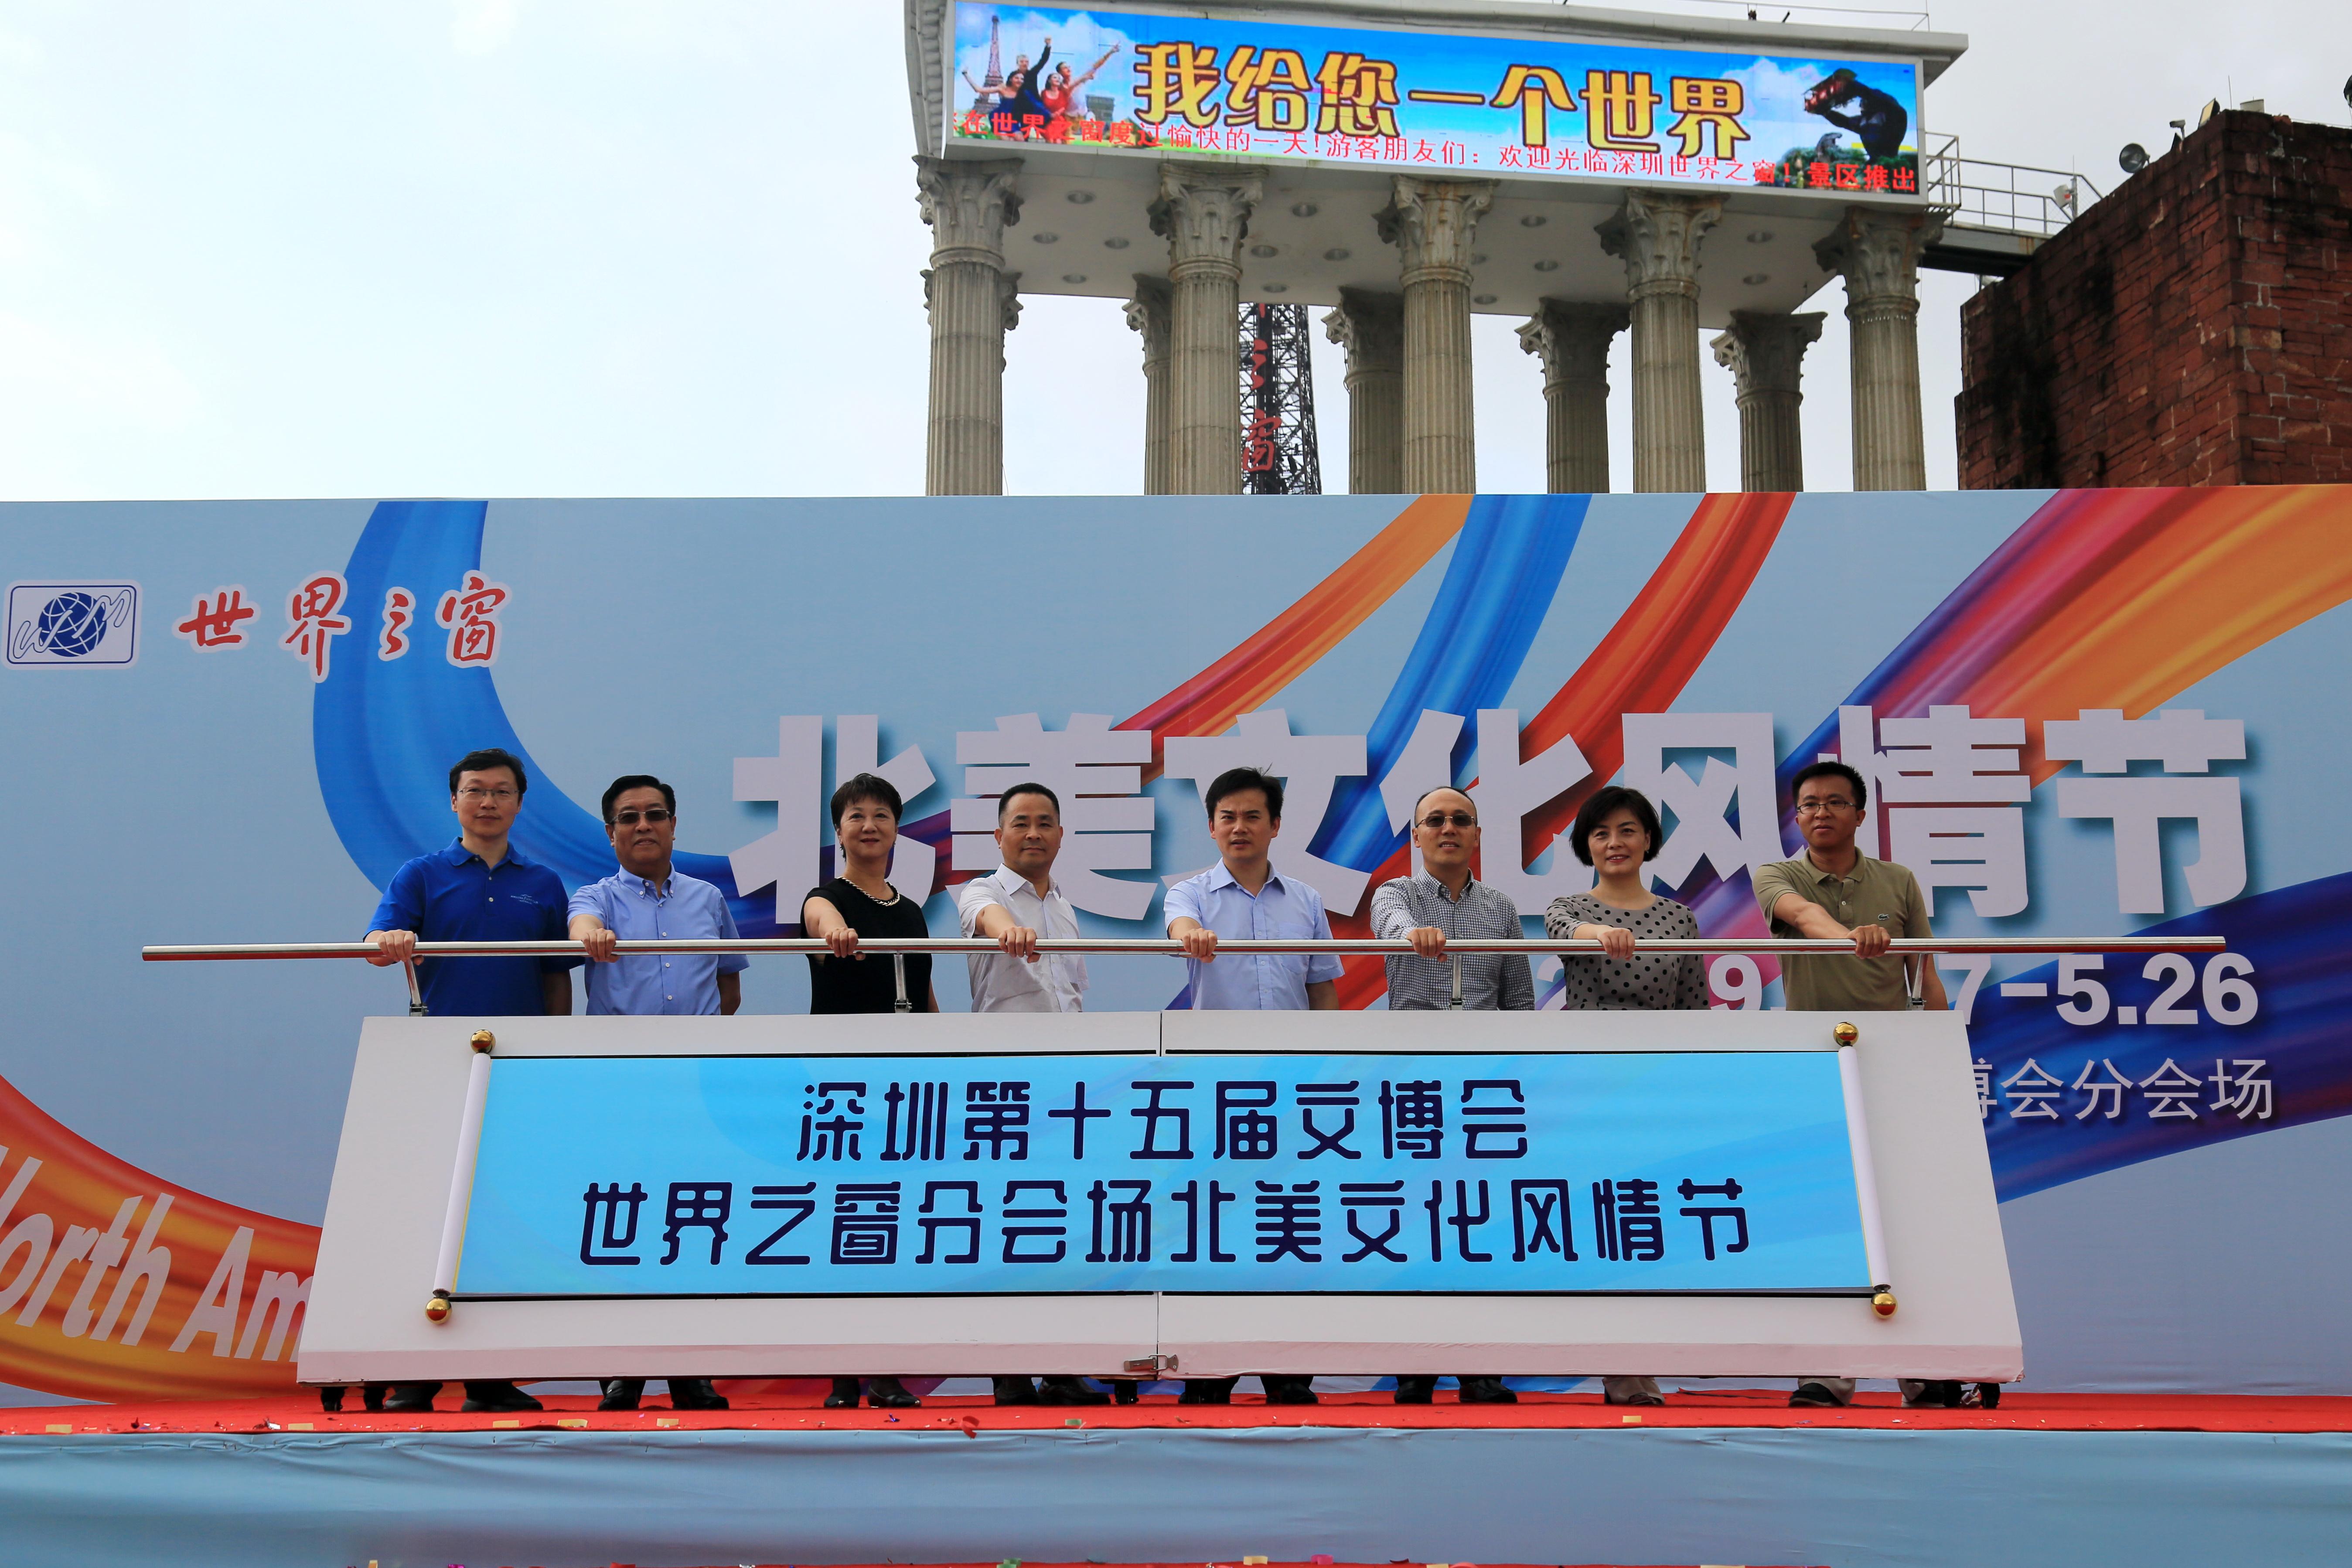 深圳世界之窗为文博会献上北美文化风情盛宴